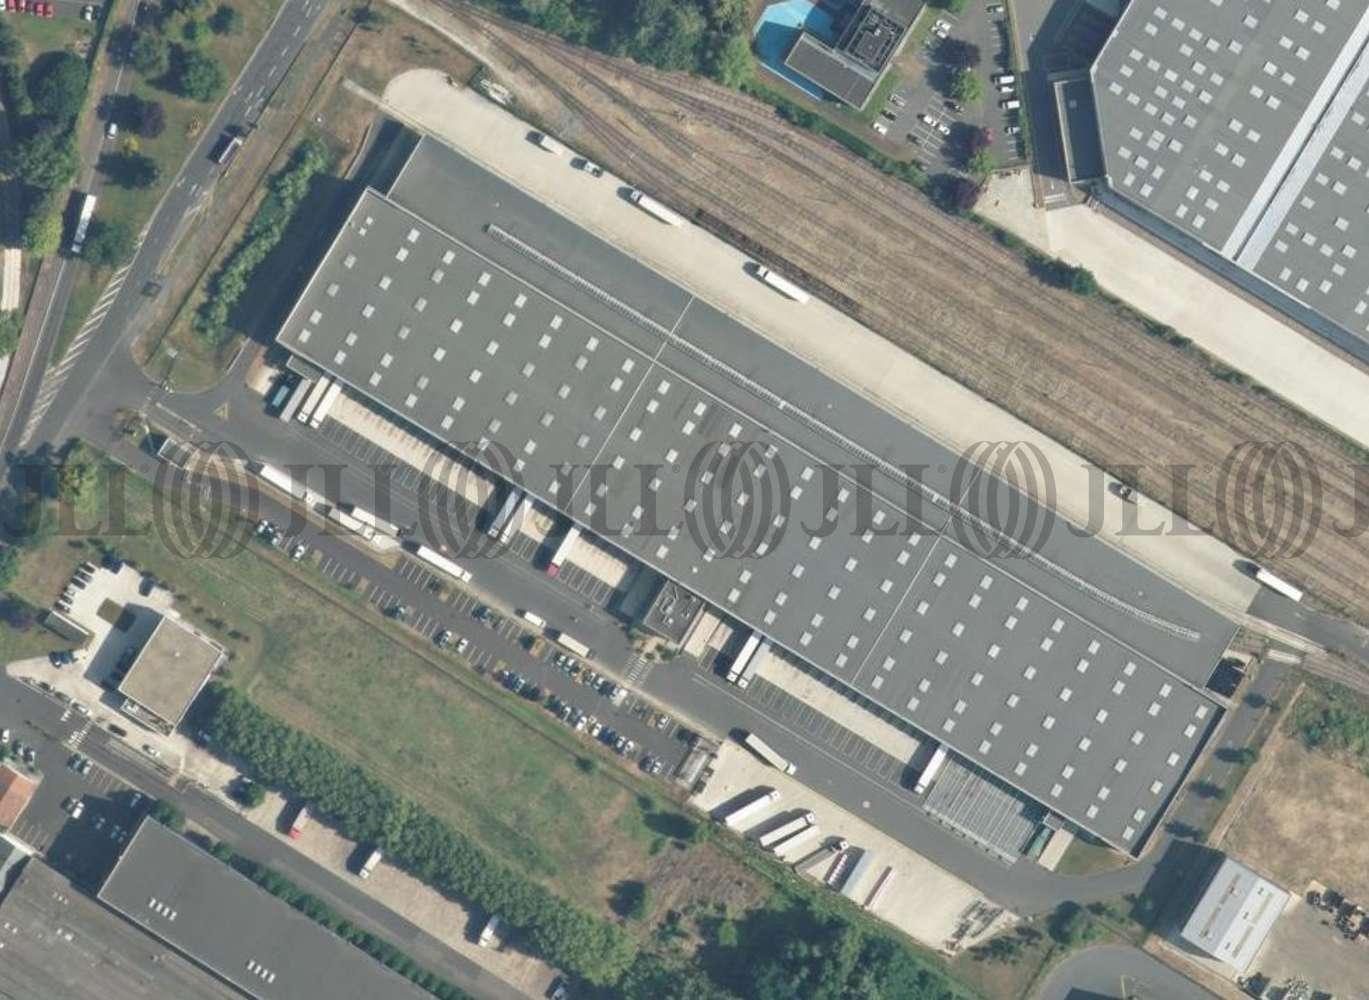 Plateformes logistiques Bonneuil sur marne, 94380 - IDF SUD / PORT DE BONNEUIL